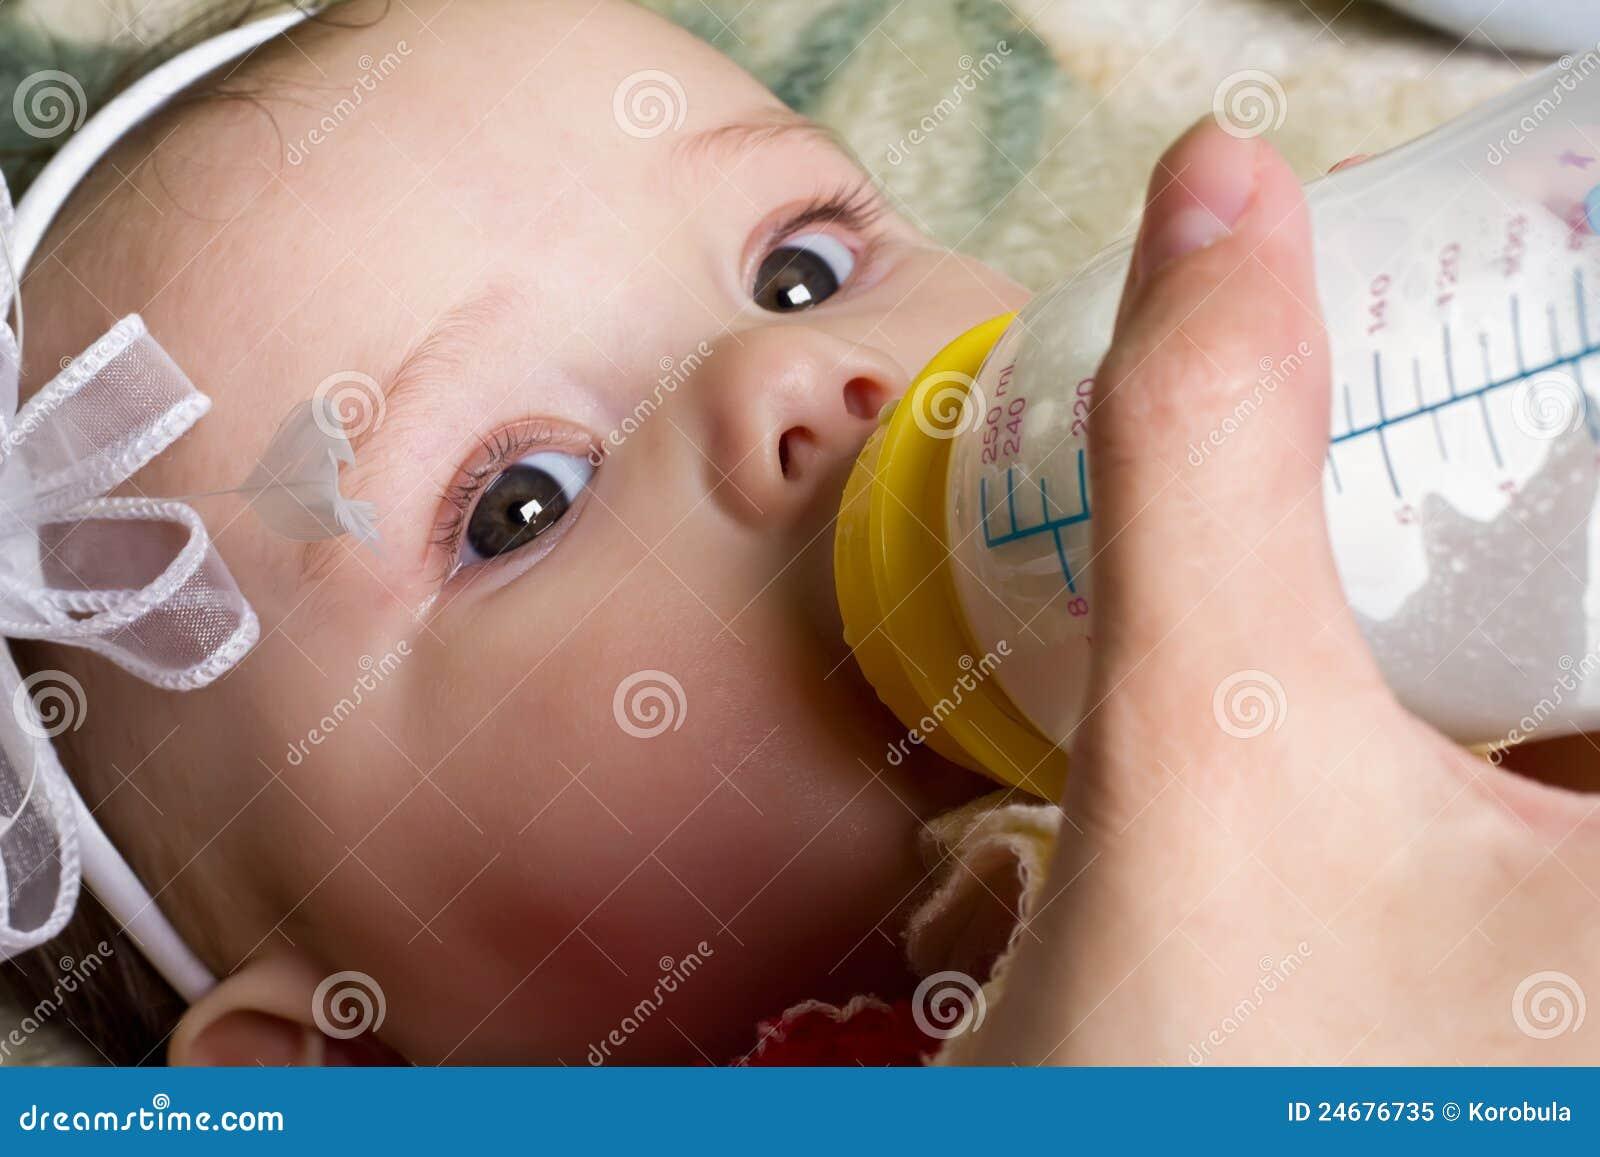 Bebê que está sendo alimentado o comida para bebé